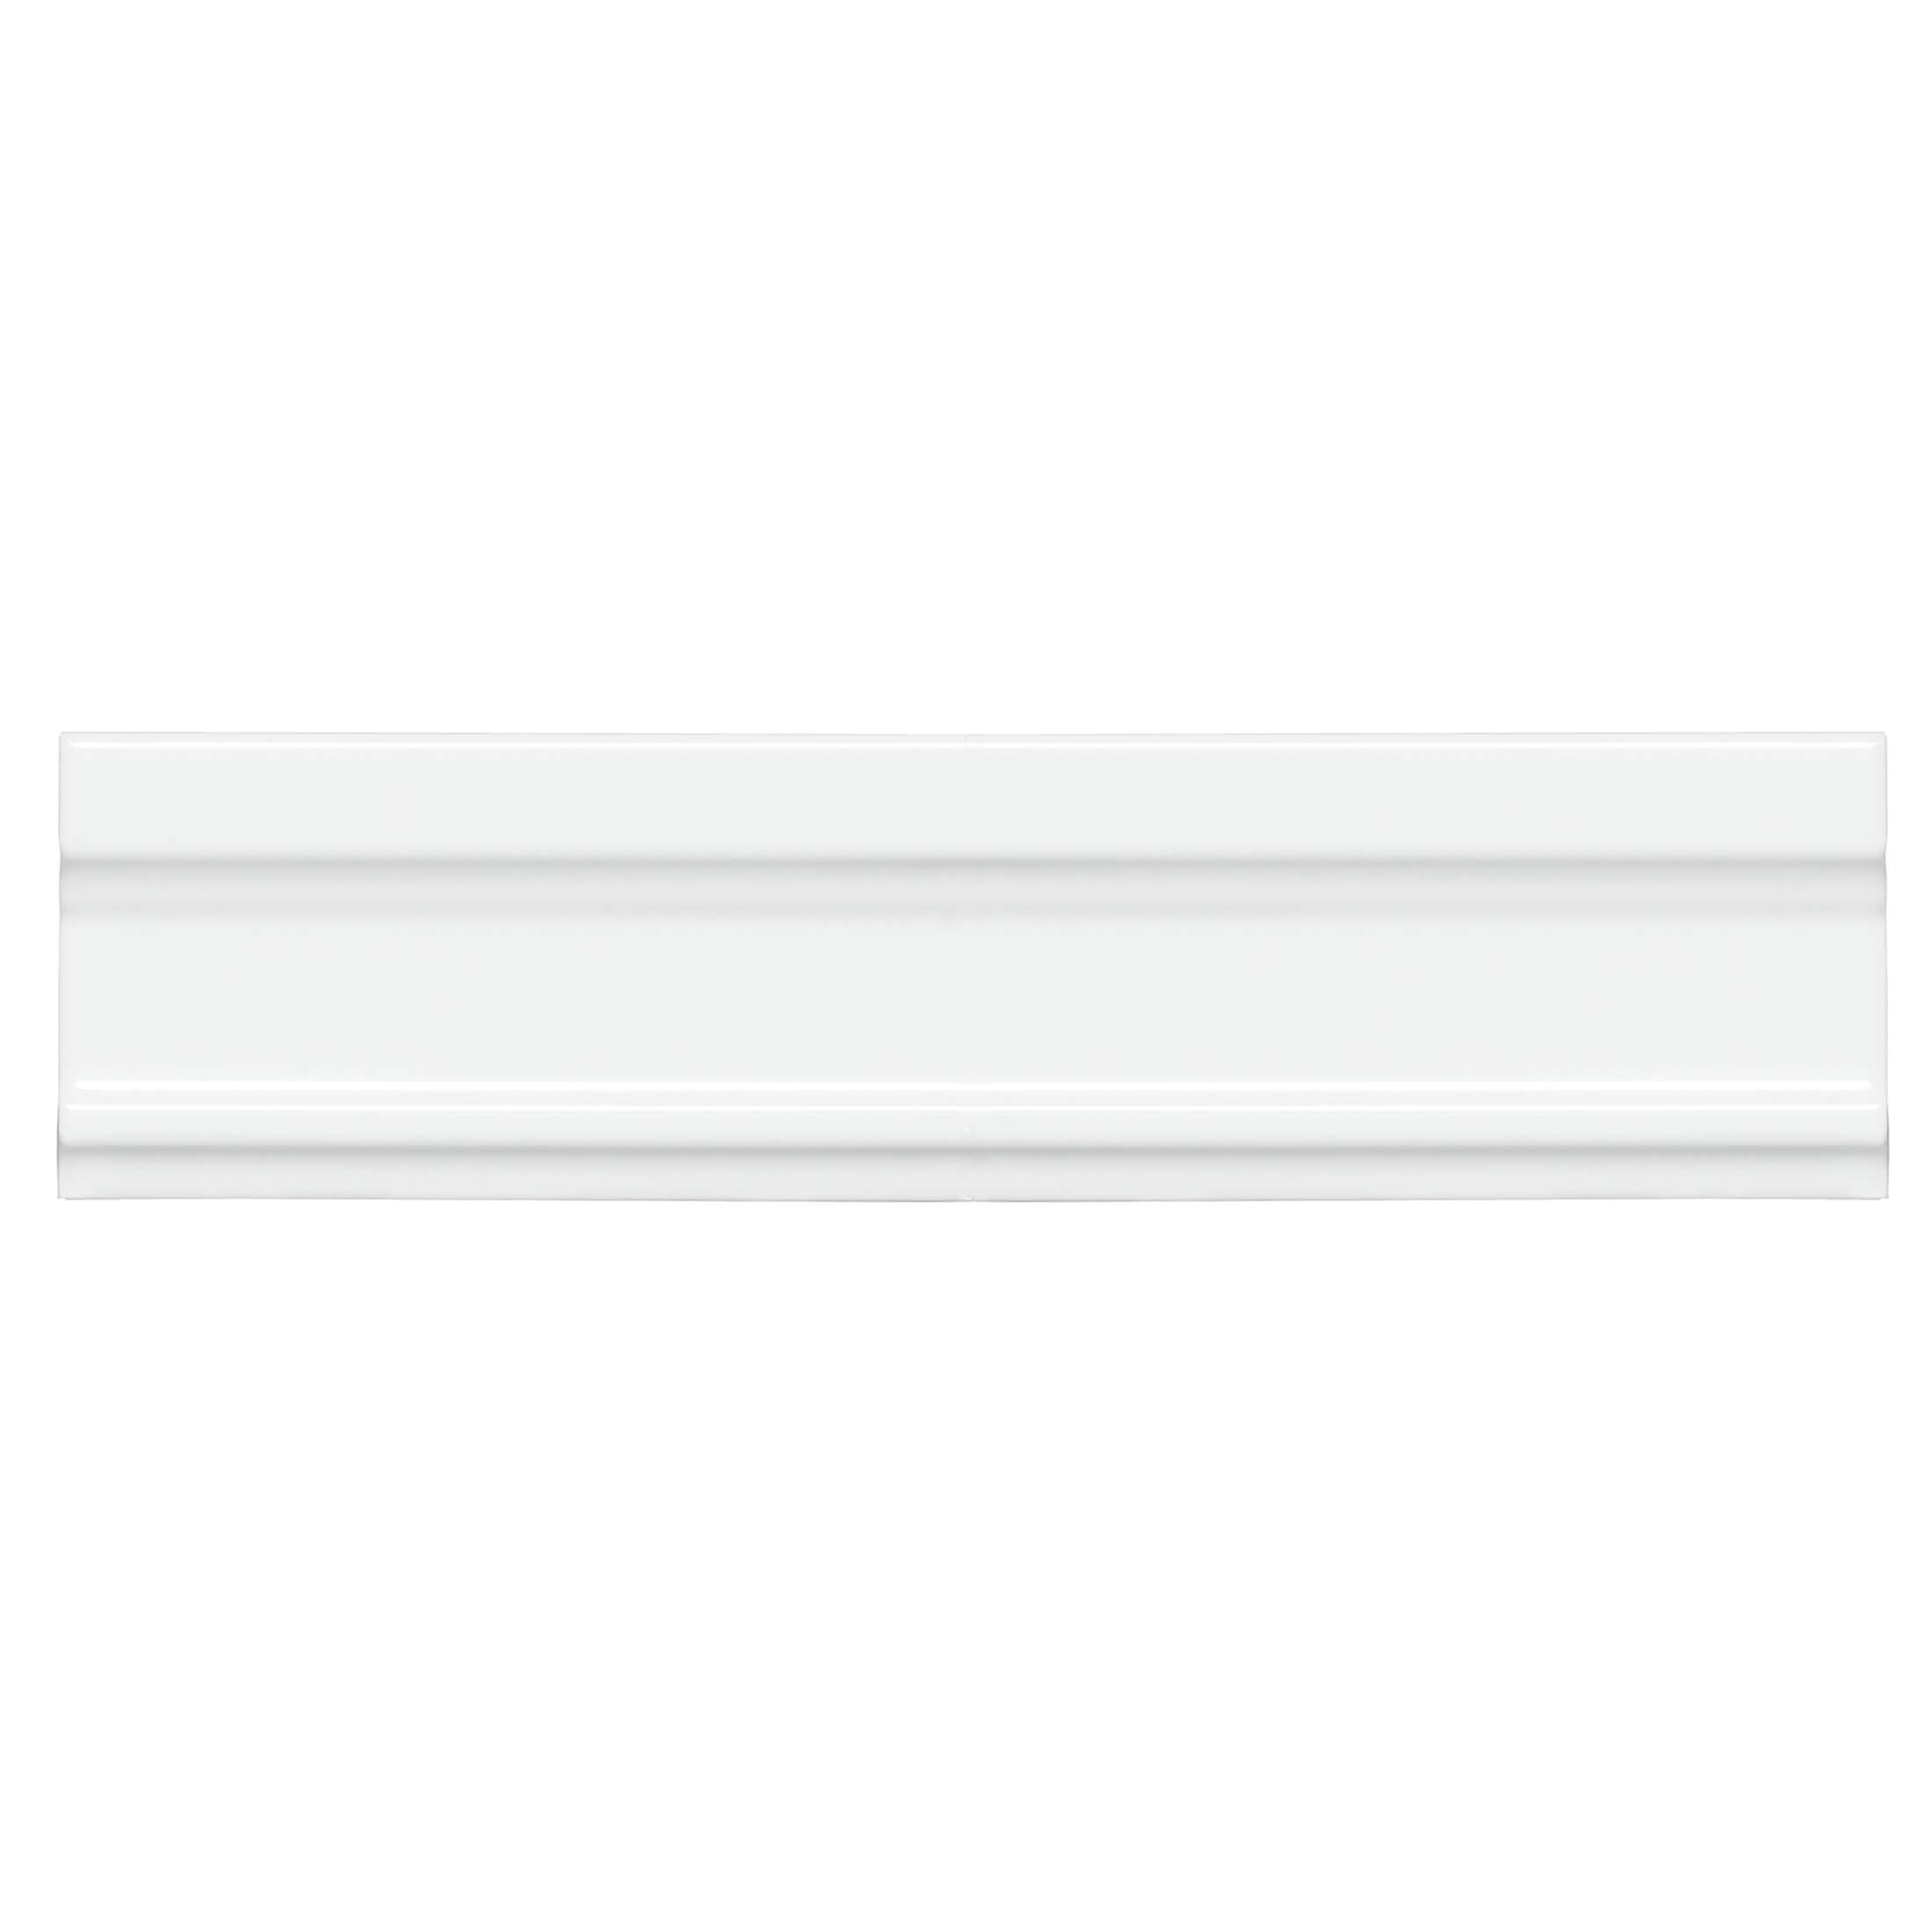 ADCT5027 - CORNISA CLASICA - 7 cm X 30 cm